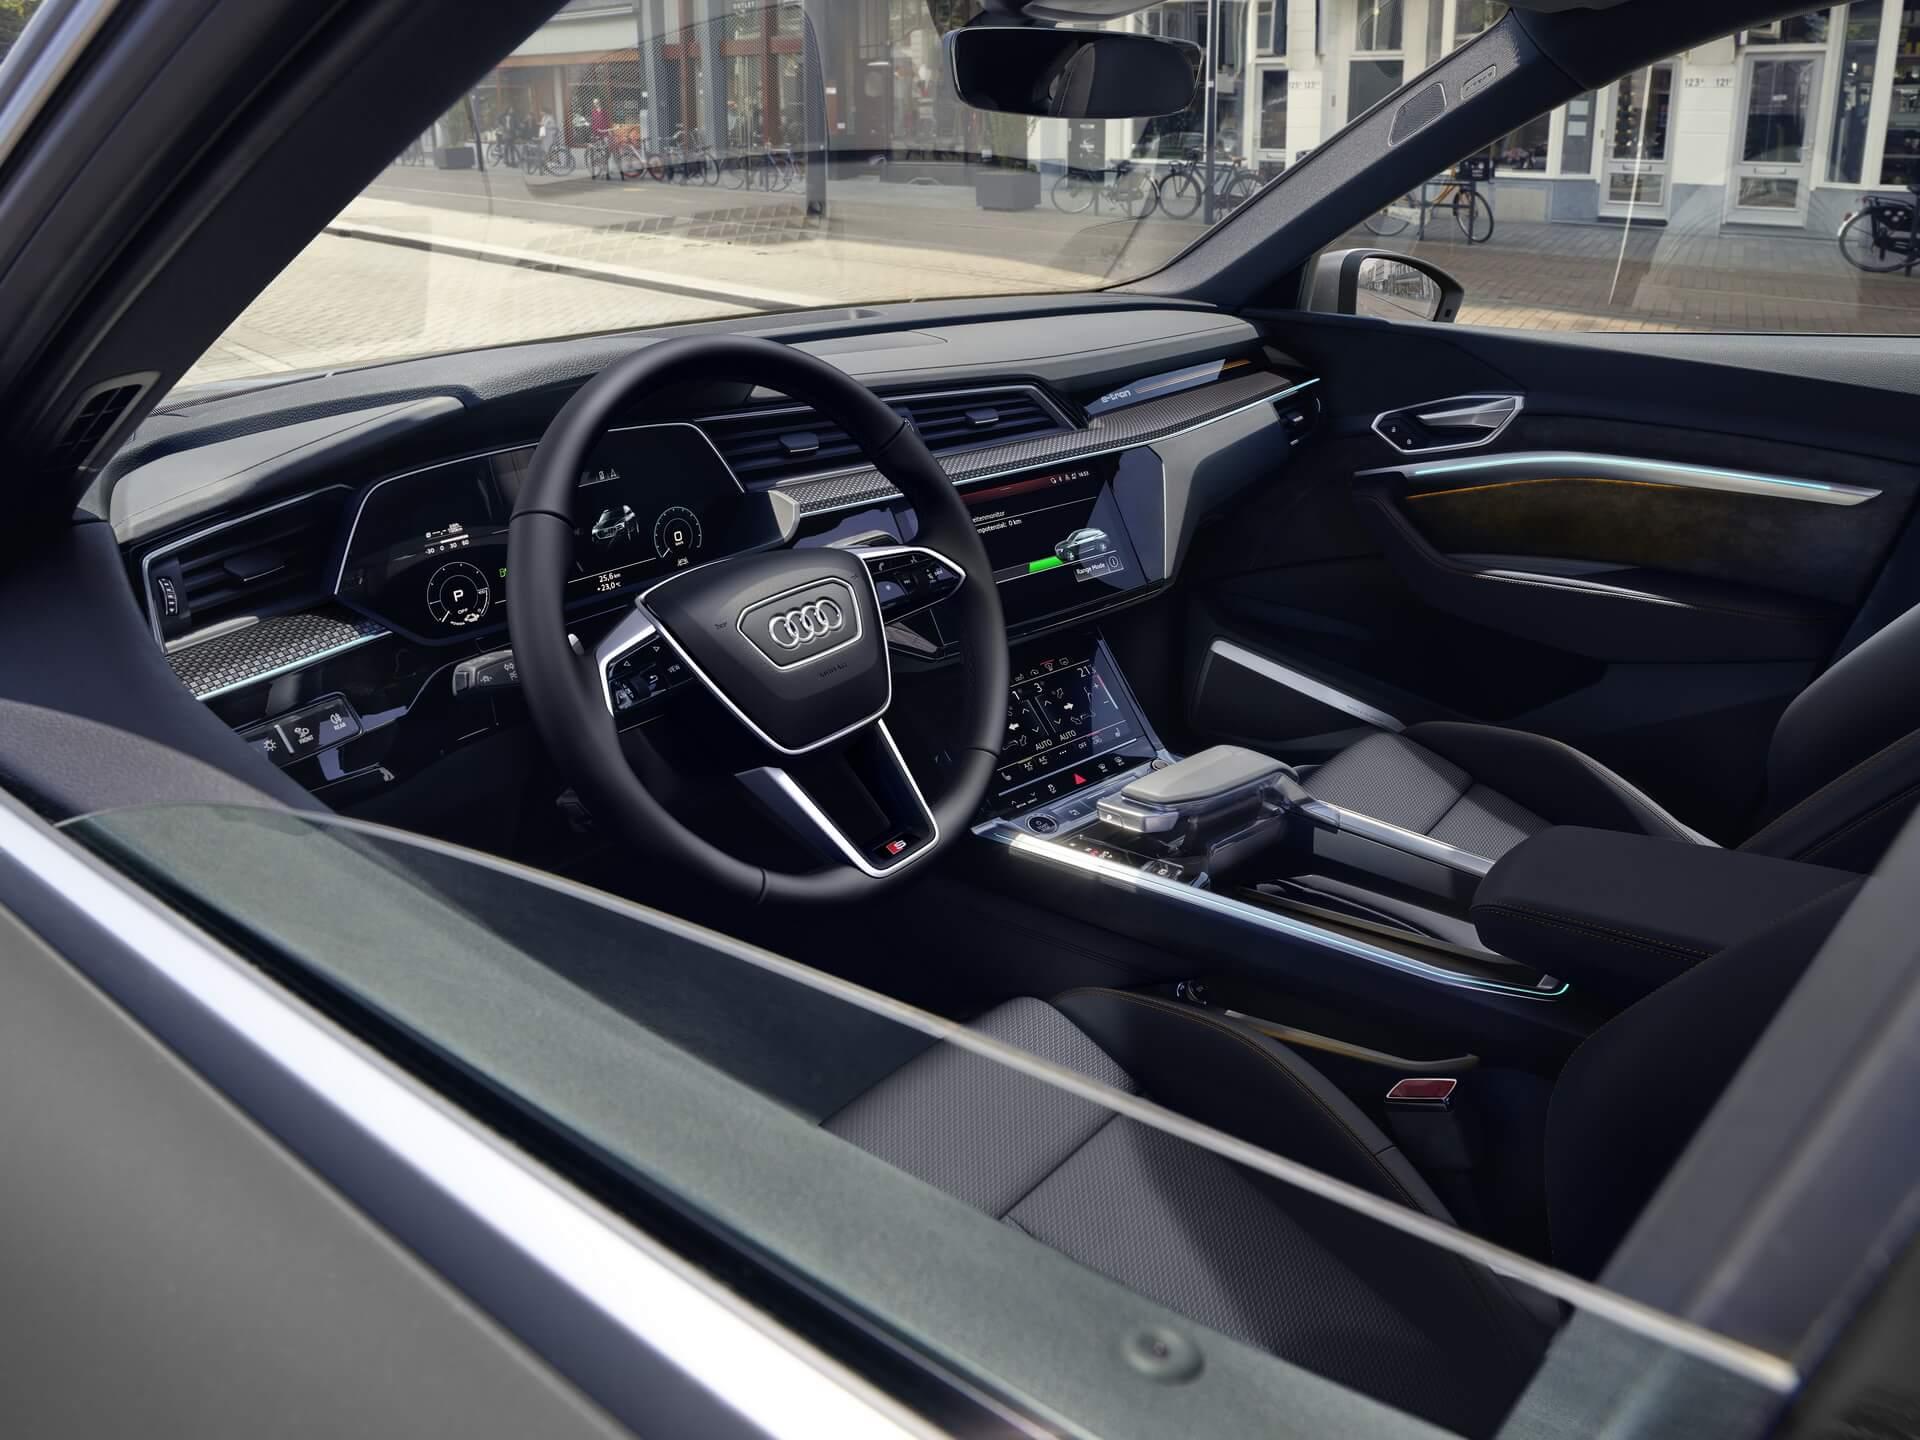 Интерьер Audi e-tron в исполнении S line black edition